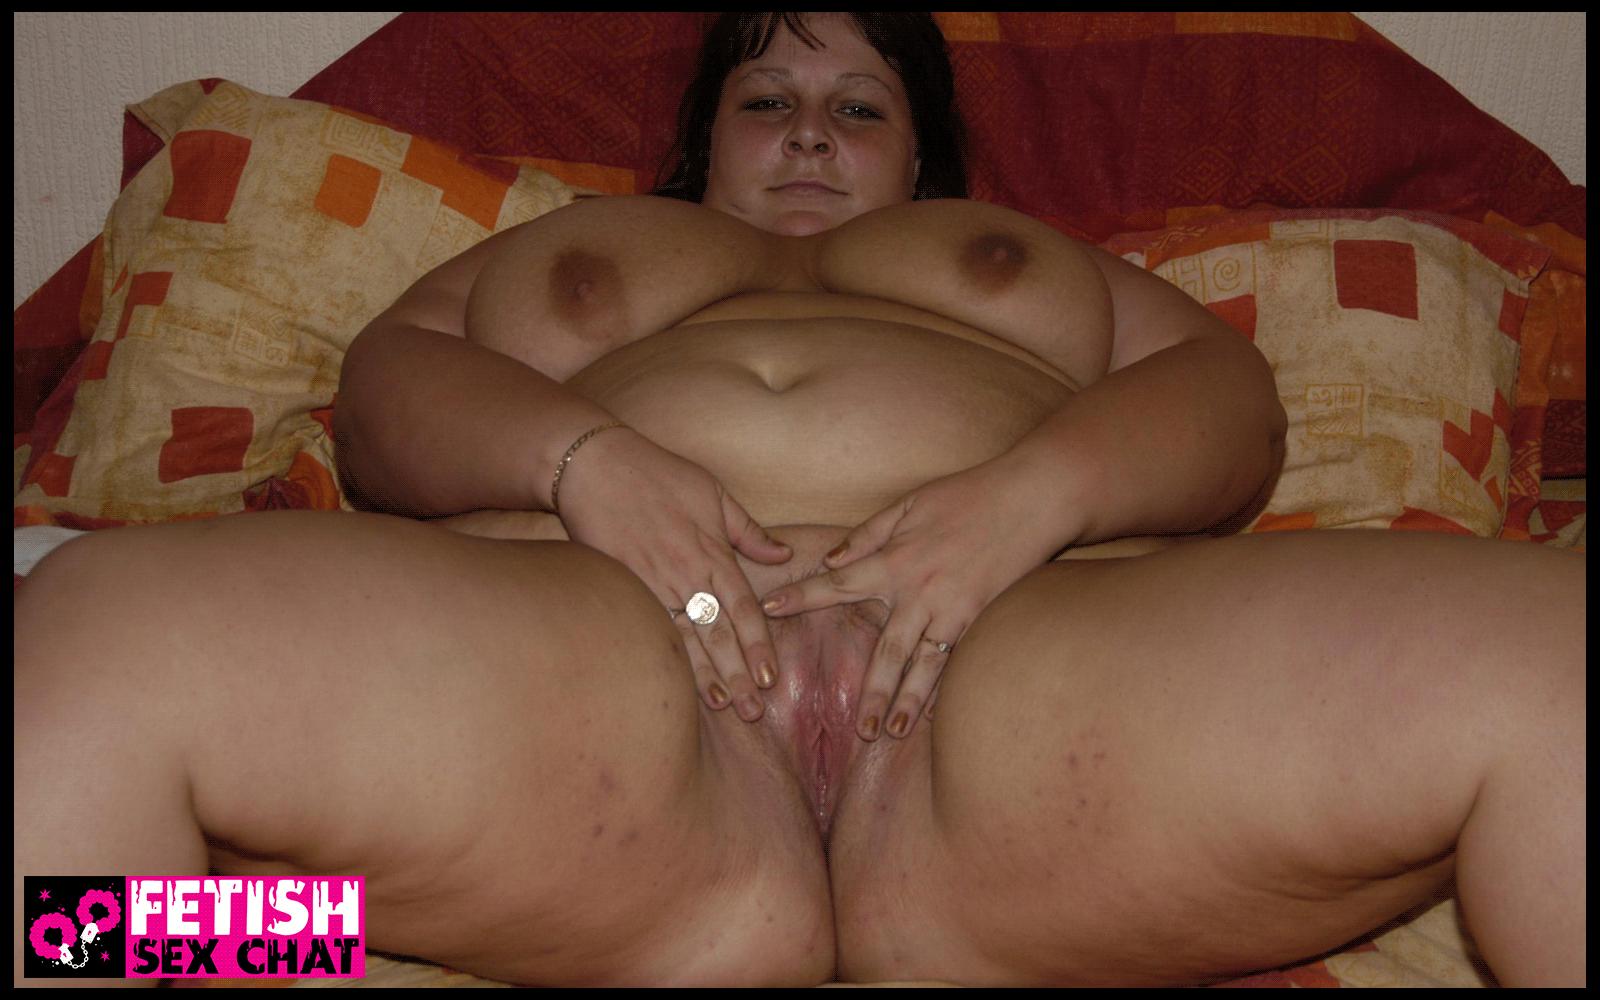 Fat Submissive Fuck Slut Sex Chat